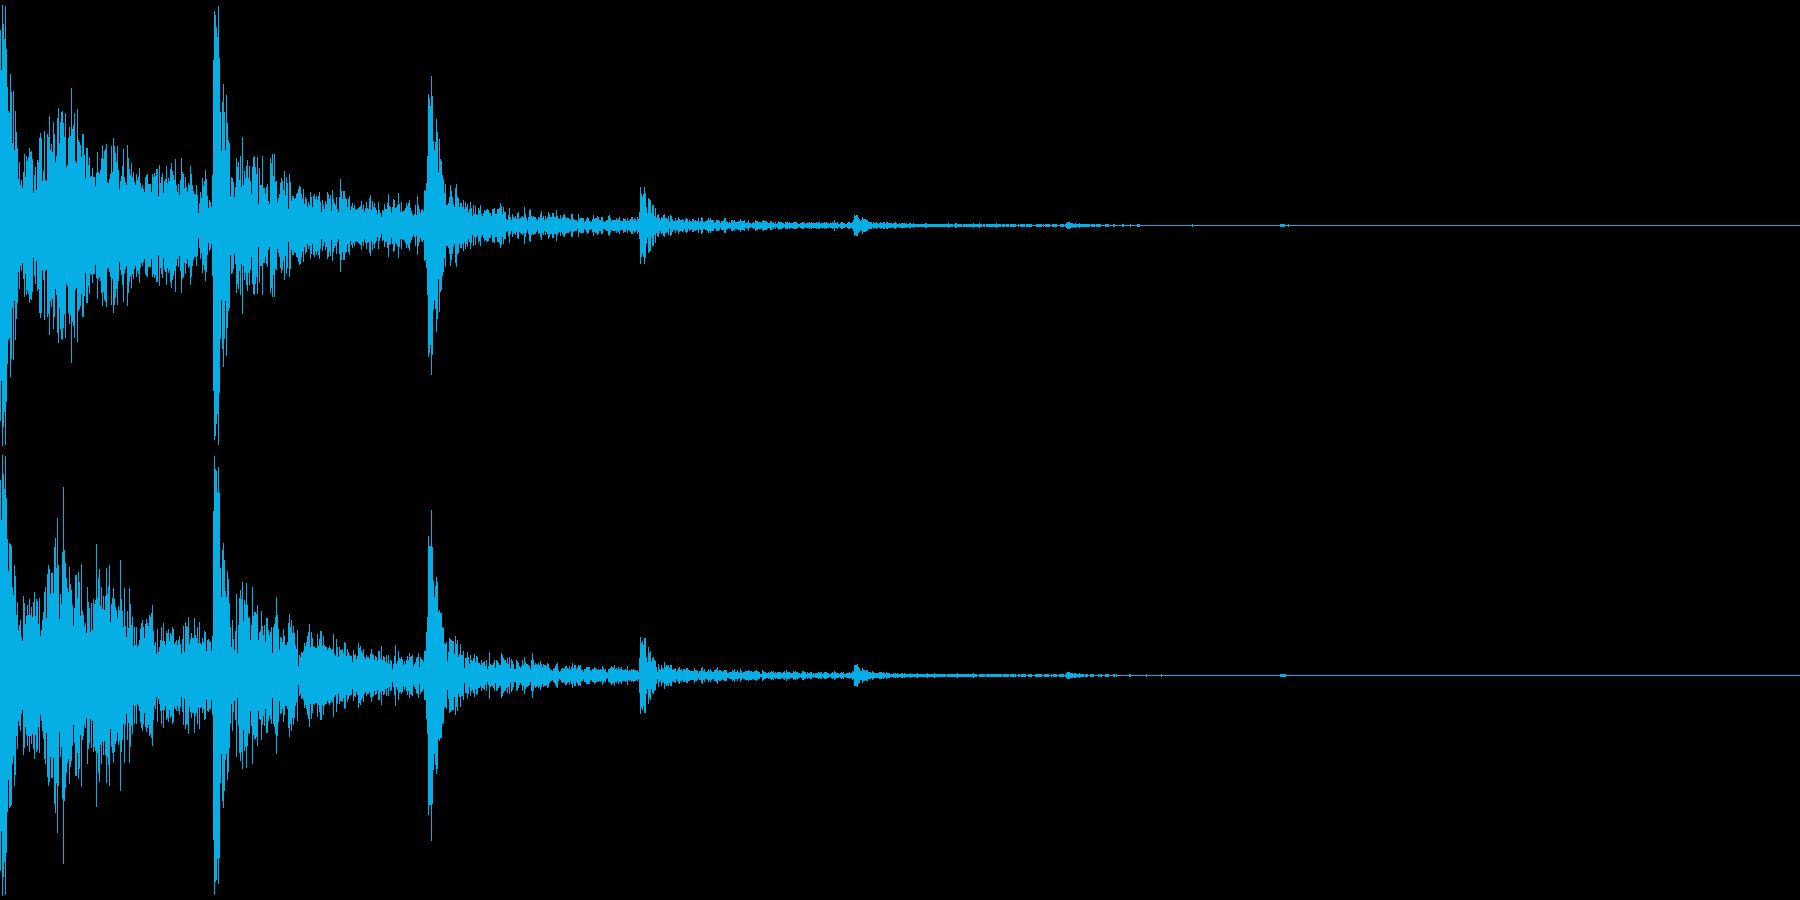 トーントーントーン...と響く音の再生済みの波形